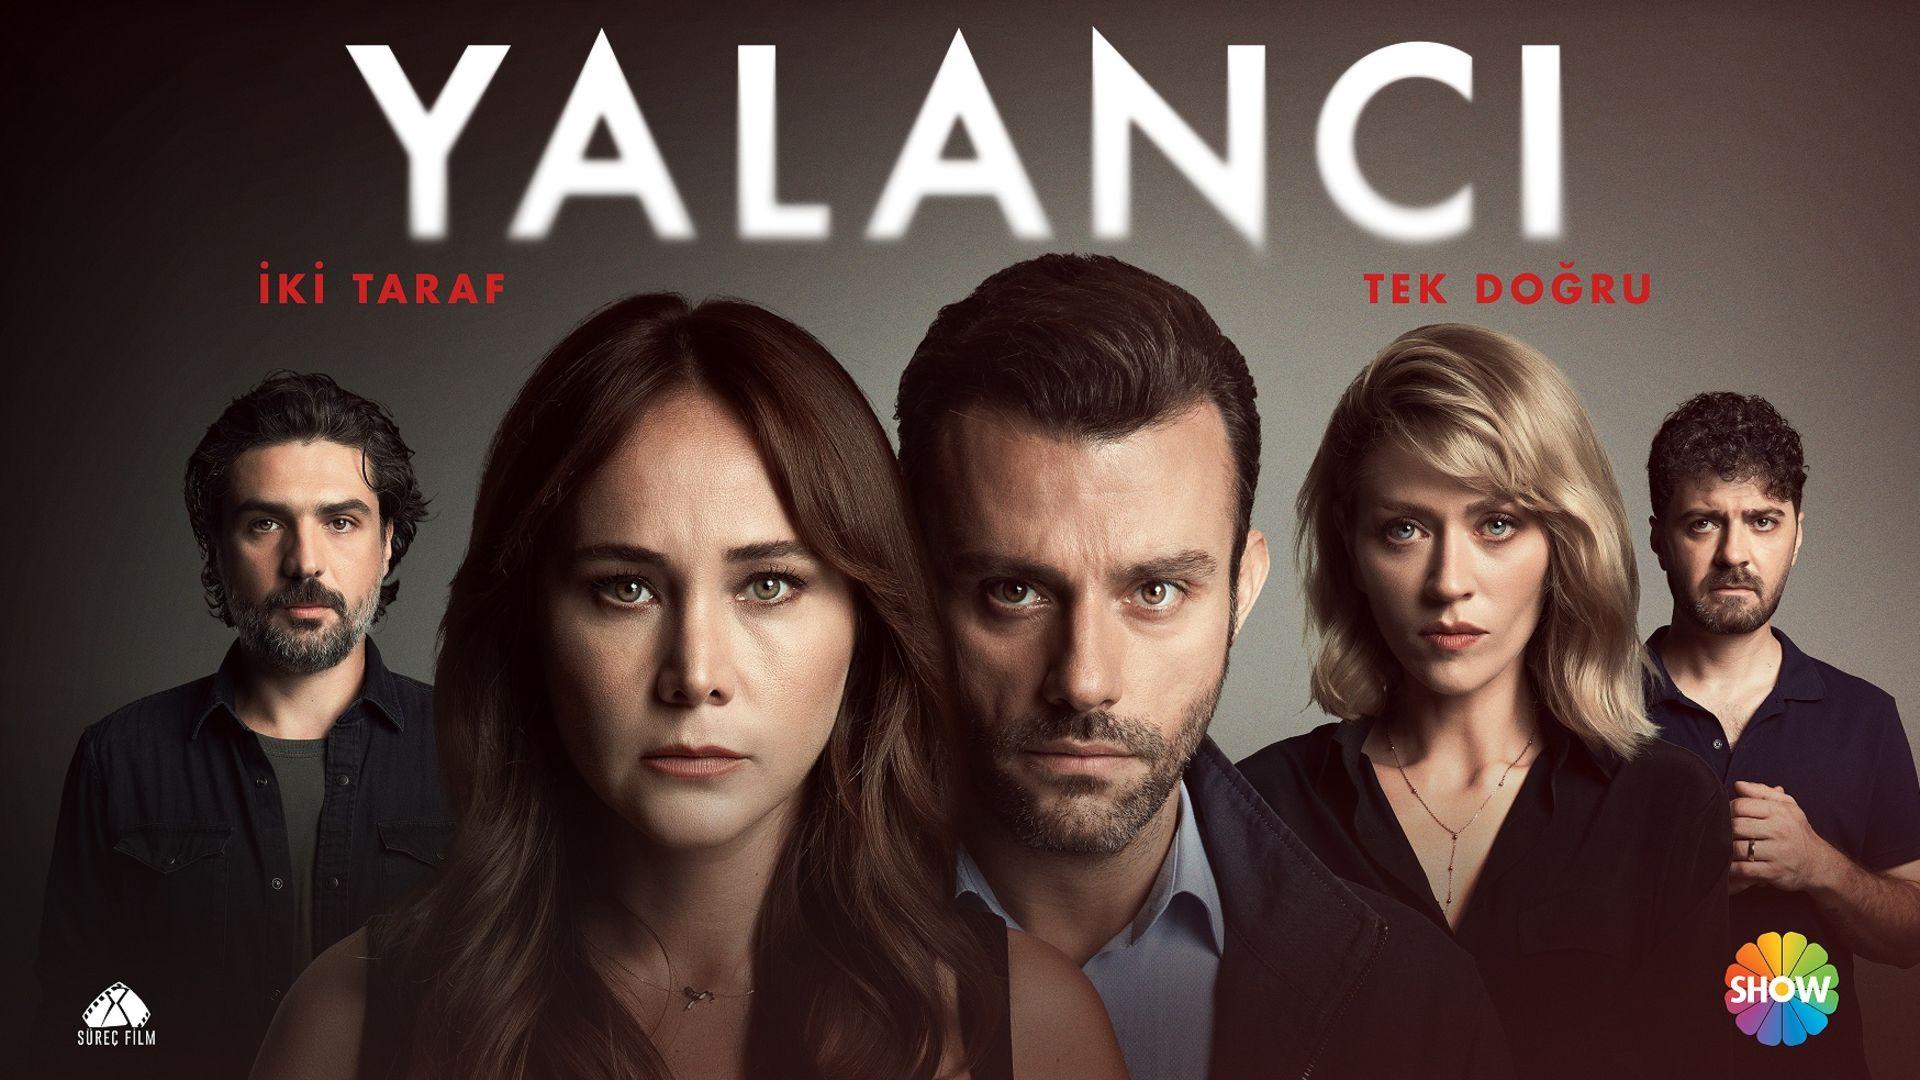 """2021 ح1 مشاهدة المسلسل التركي """"الكاذب"""" الحلقة 1 مترجم أونلاين الجزء الأول. مسلسل الكاذب الموسم الأول مترجم. مسلسل تركي الكاذب ."""